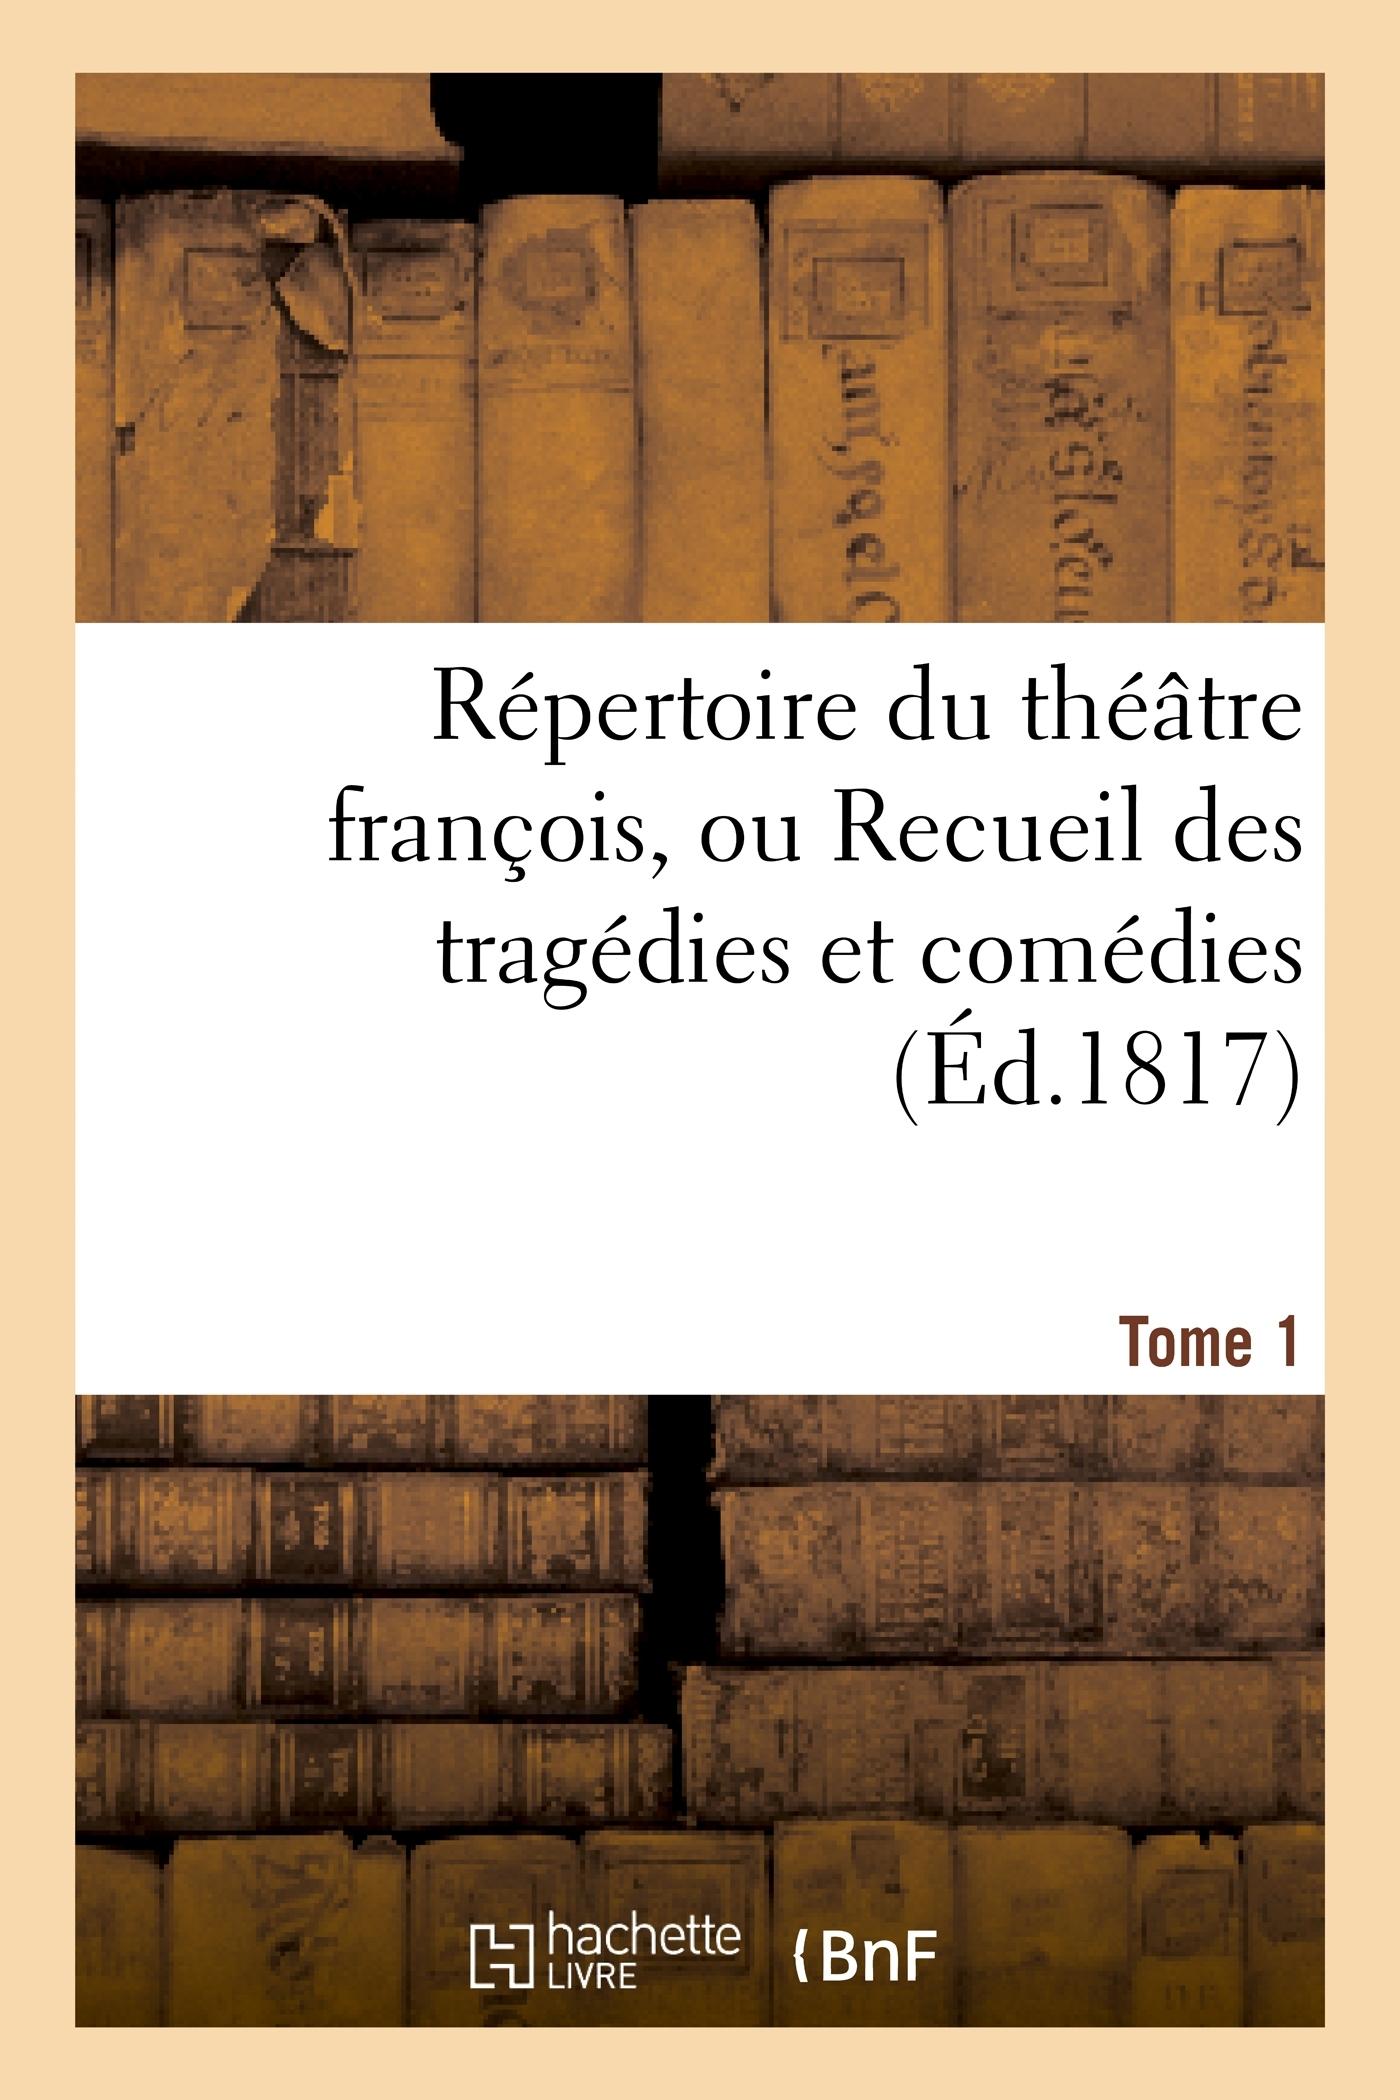 REPERTOIRE DU THEATRE FRANCOIS, OU RECUEIL DES TRAGEDIES ET COMEDIES. TOME 1 - RESTEES AU THEATRE DE